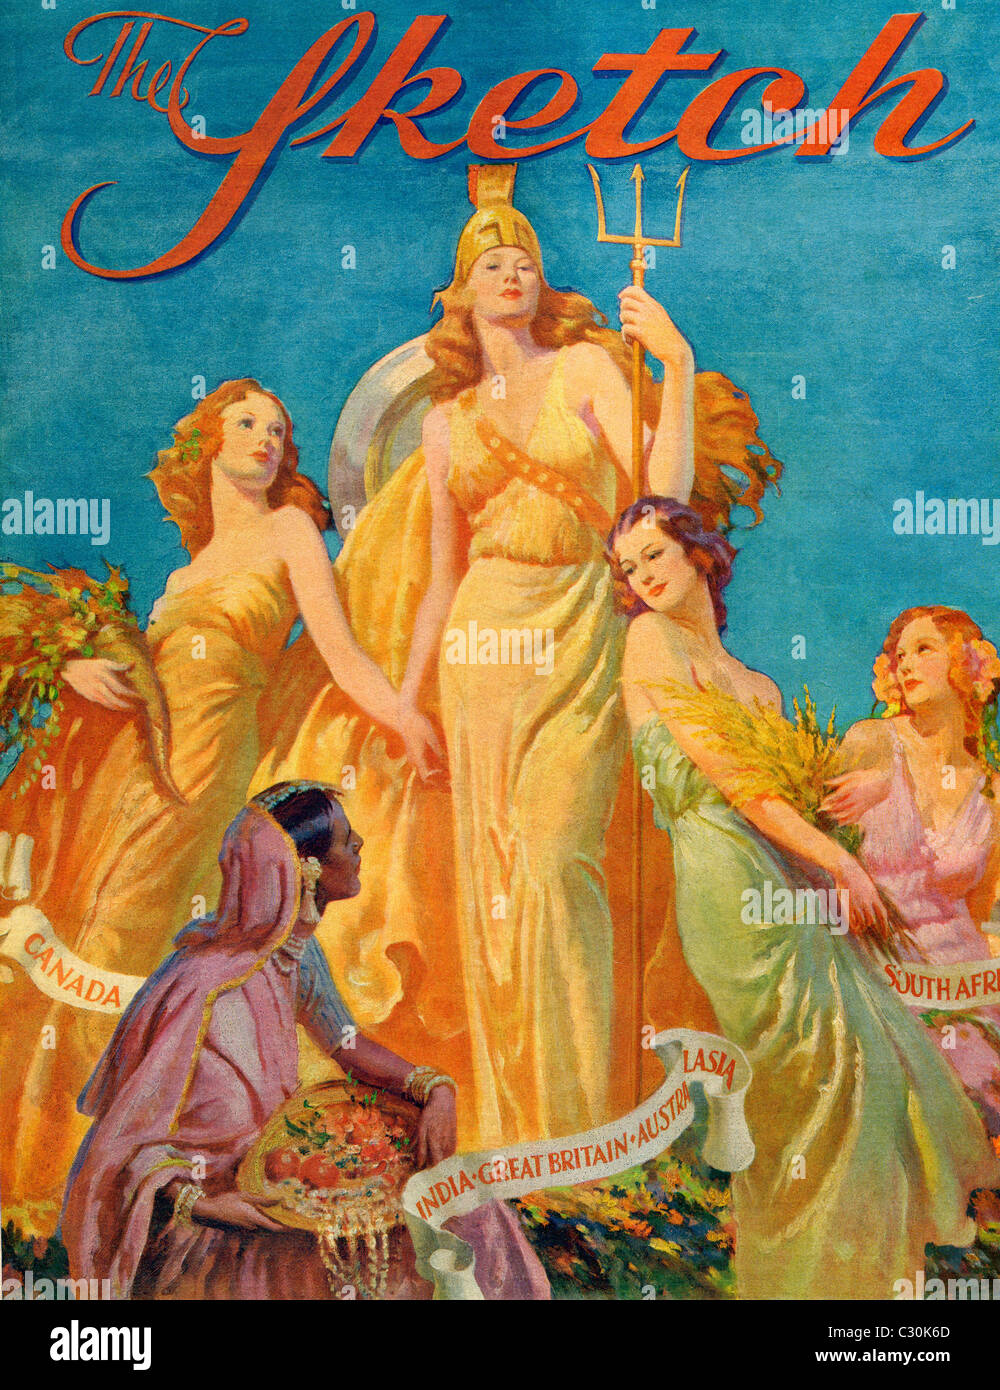 Il coperchio anteriore dal bozzetto magazine, speciale numero di incoronazione, pubblicato nel 1937. Raffiguranti Immagini Stock